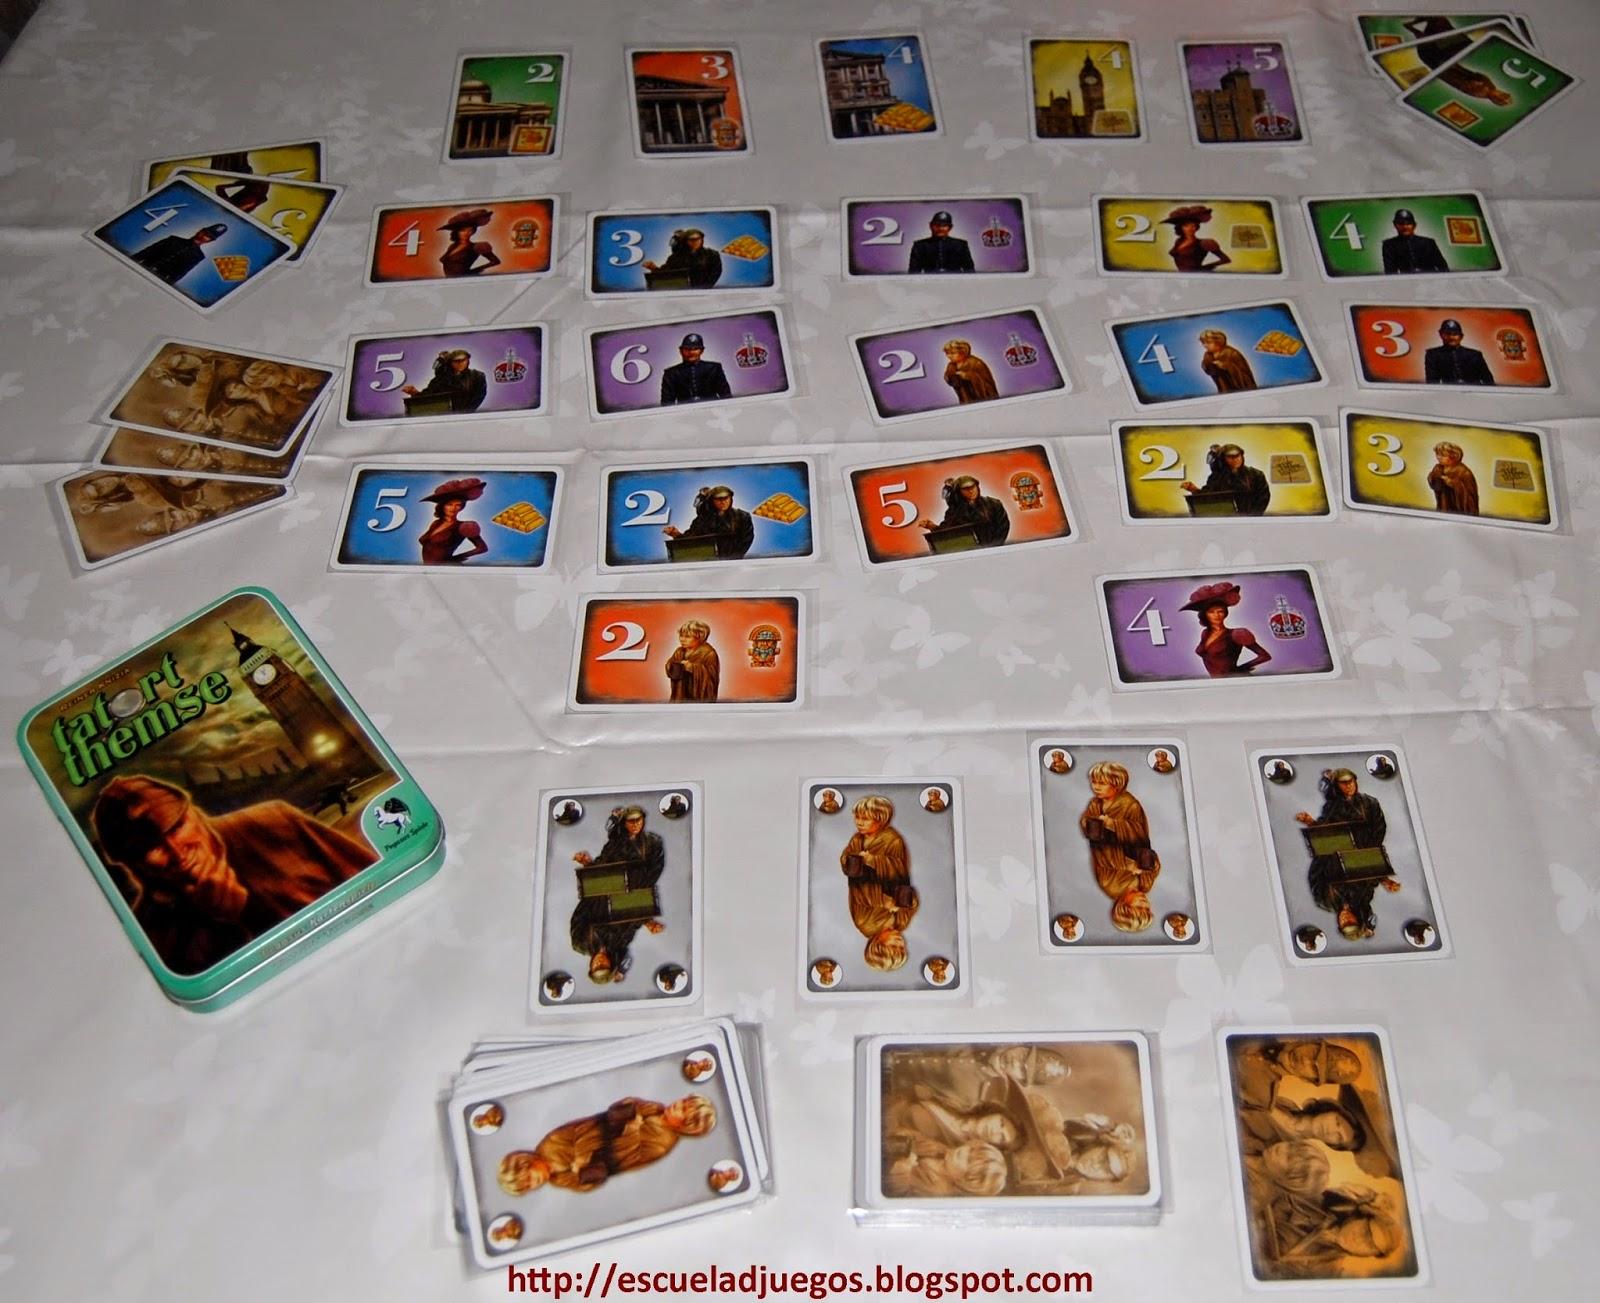 Reseña de Looting London, filler de cartas de Reiner Knizia para hasta 5 jugadores, editado en inglés por Gryphon games y en alemán como Tatort Themse por Pegasus Spiele.